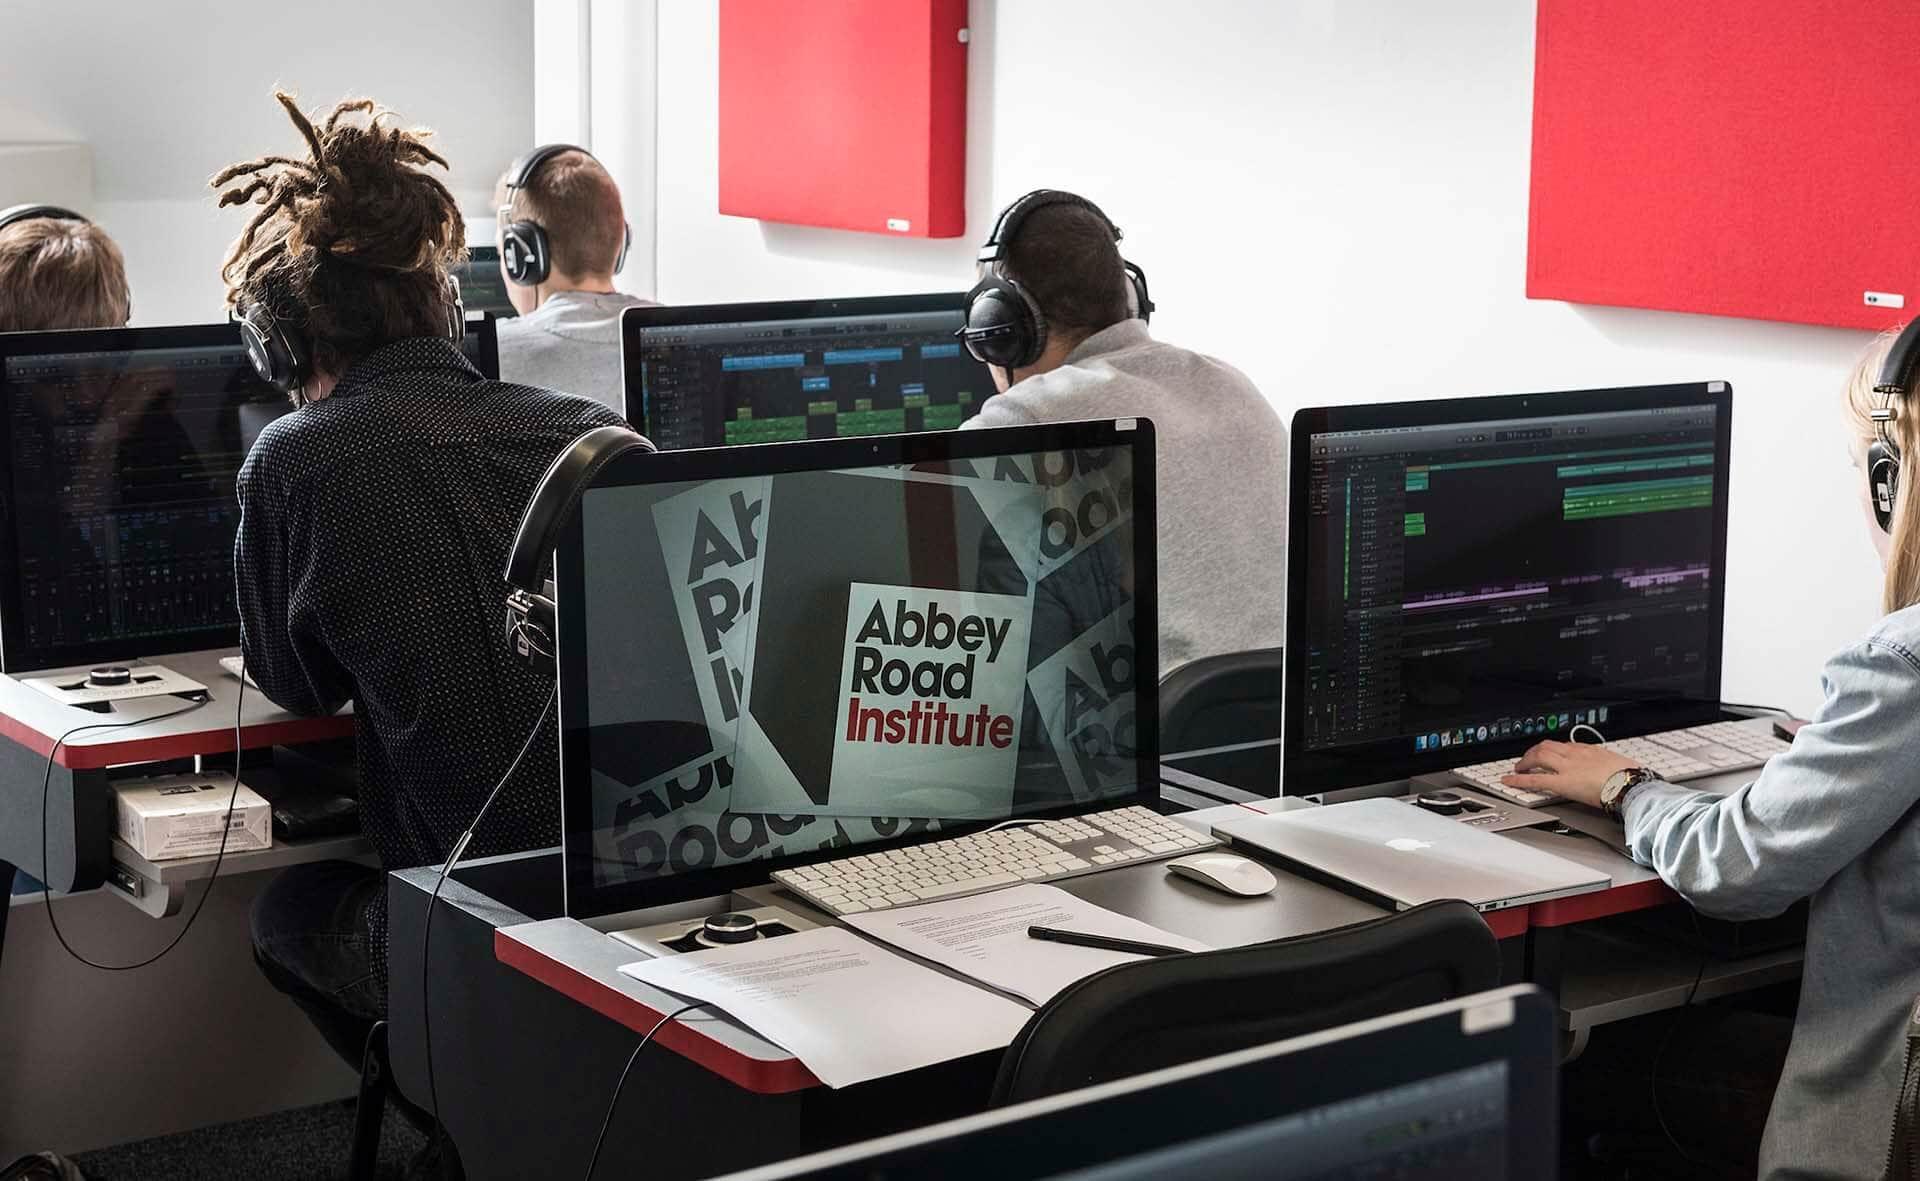 Abbey Road classroom London FAQ